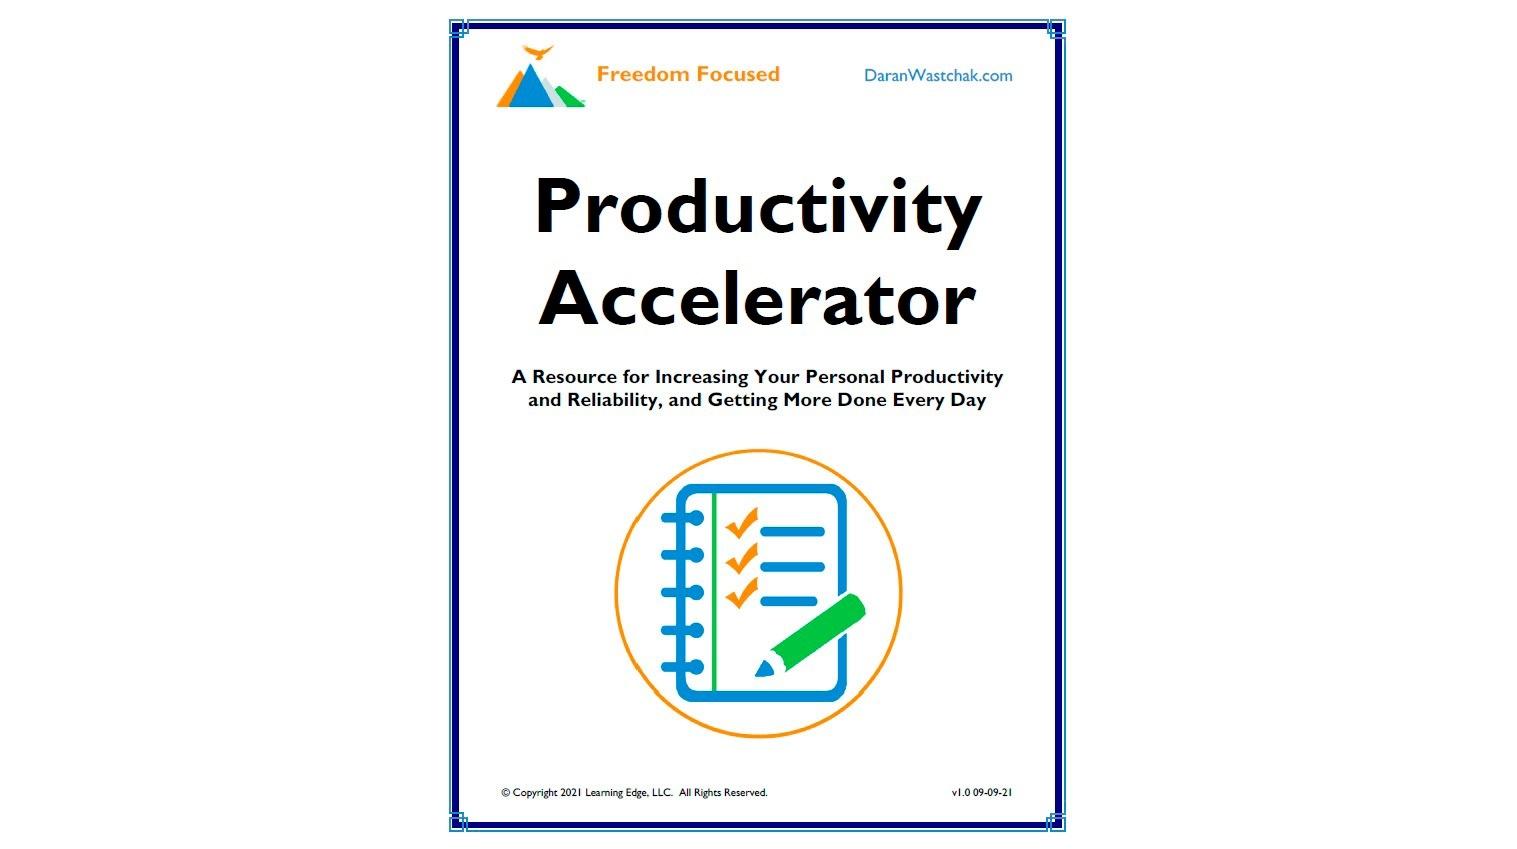 Productivity Accelerator